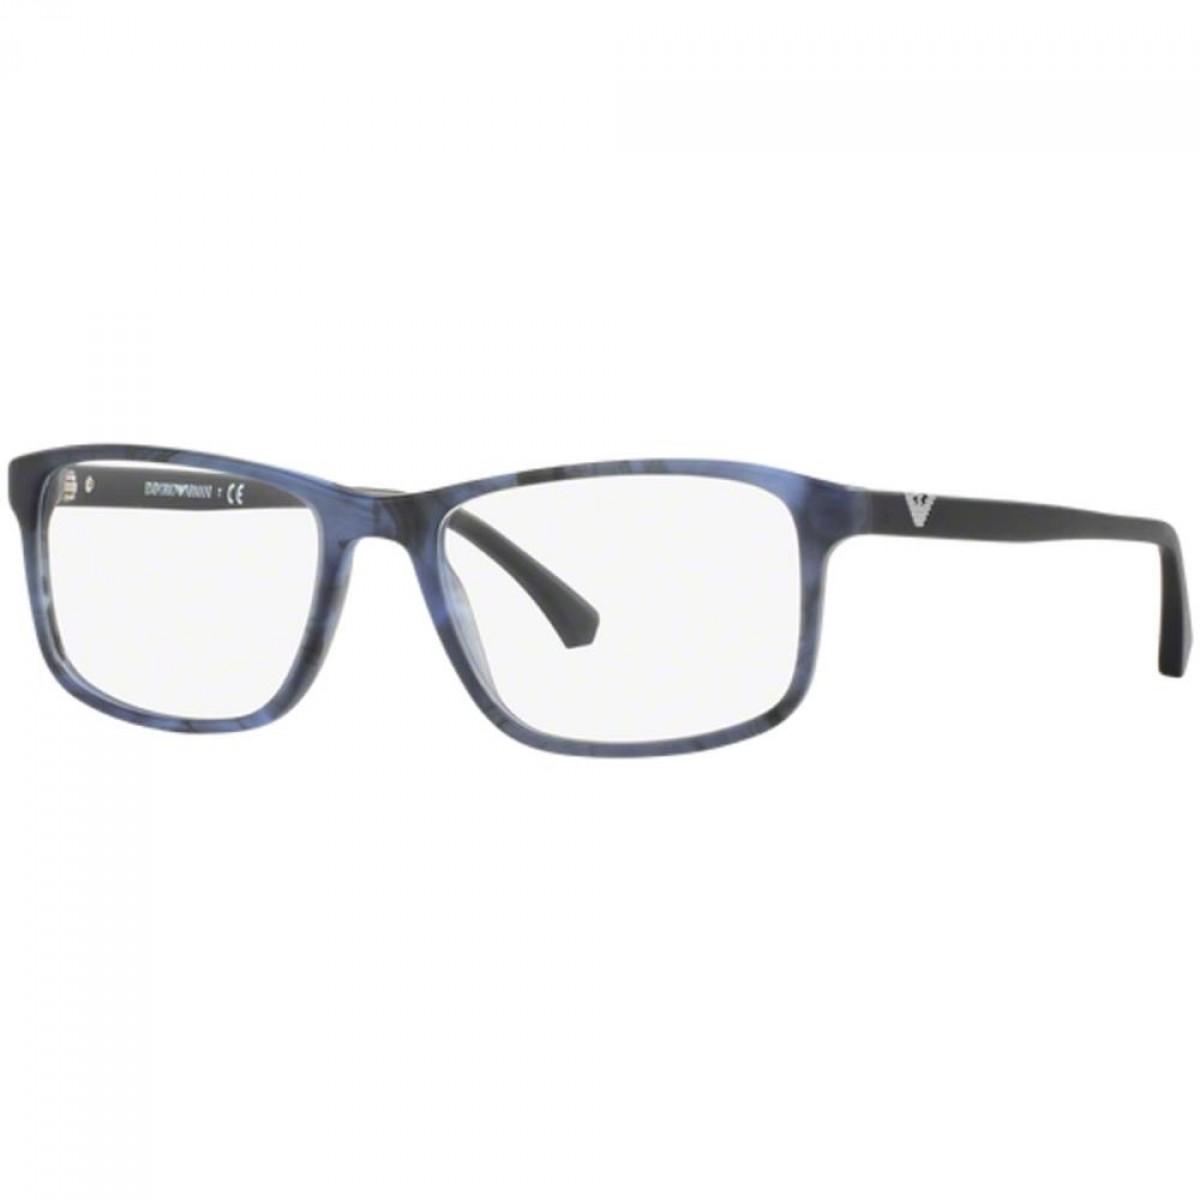 Emporio Armani 3098 5549 53, 100,00€, Occhiali Emporio Armani Blu a forma Rettangolare